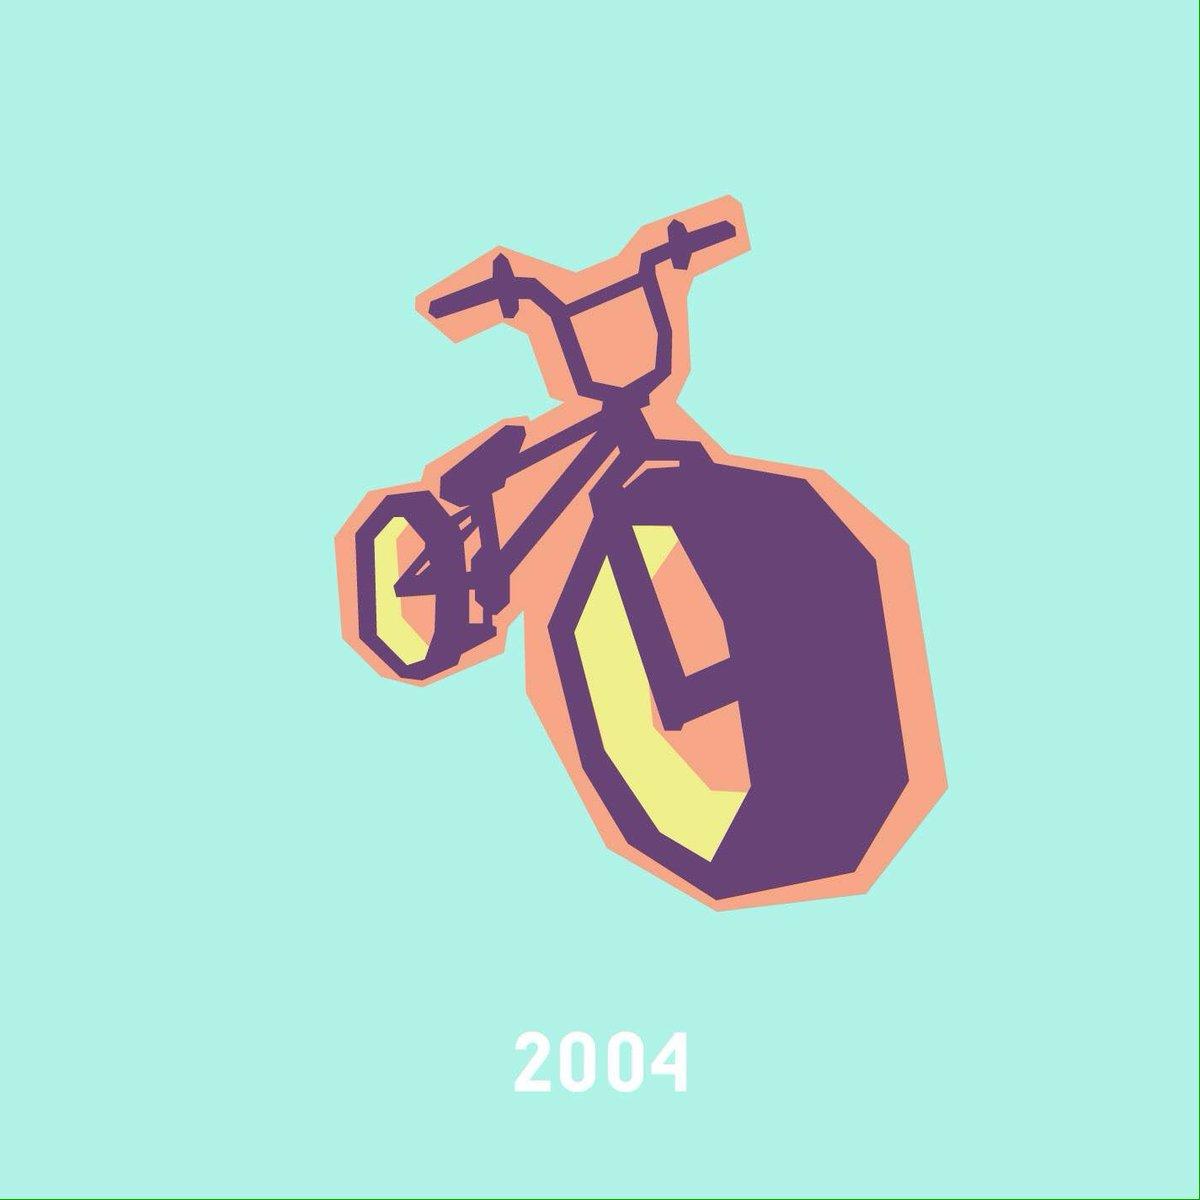 #2004 di @FrahQuintale esce oggi e lo puoi ascoltare ovunque 🚲📲🎧https://t.co/SXPoaDhftq https://t.co/CVk6wprbvK